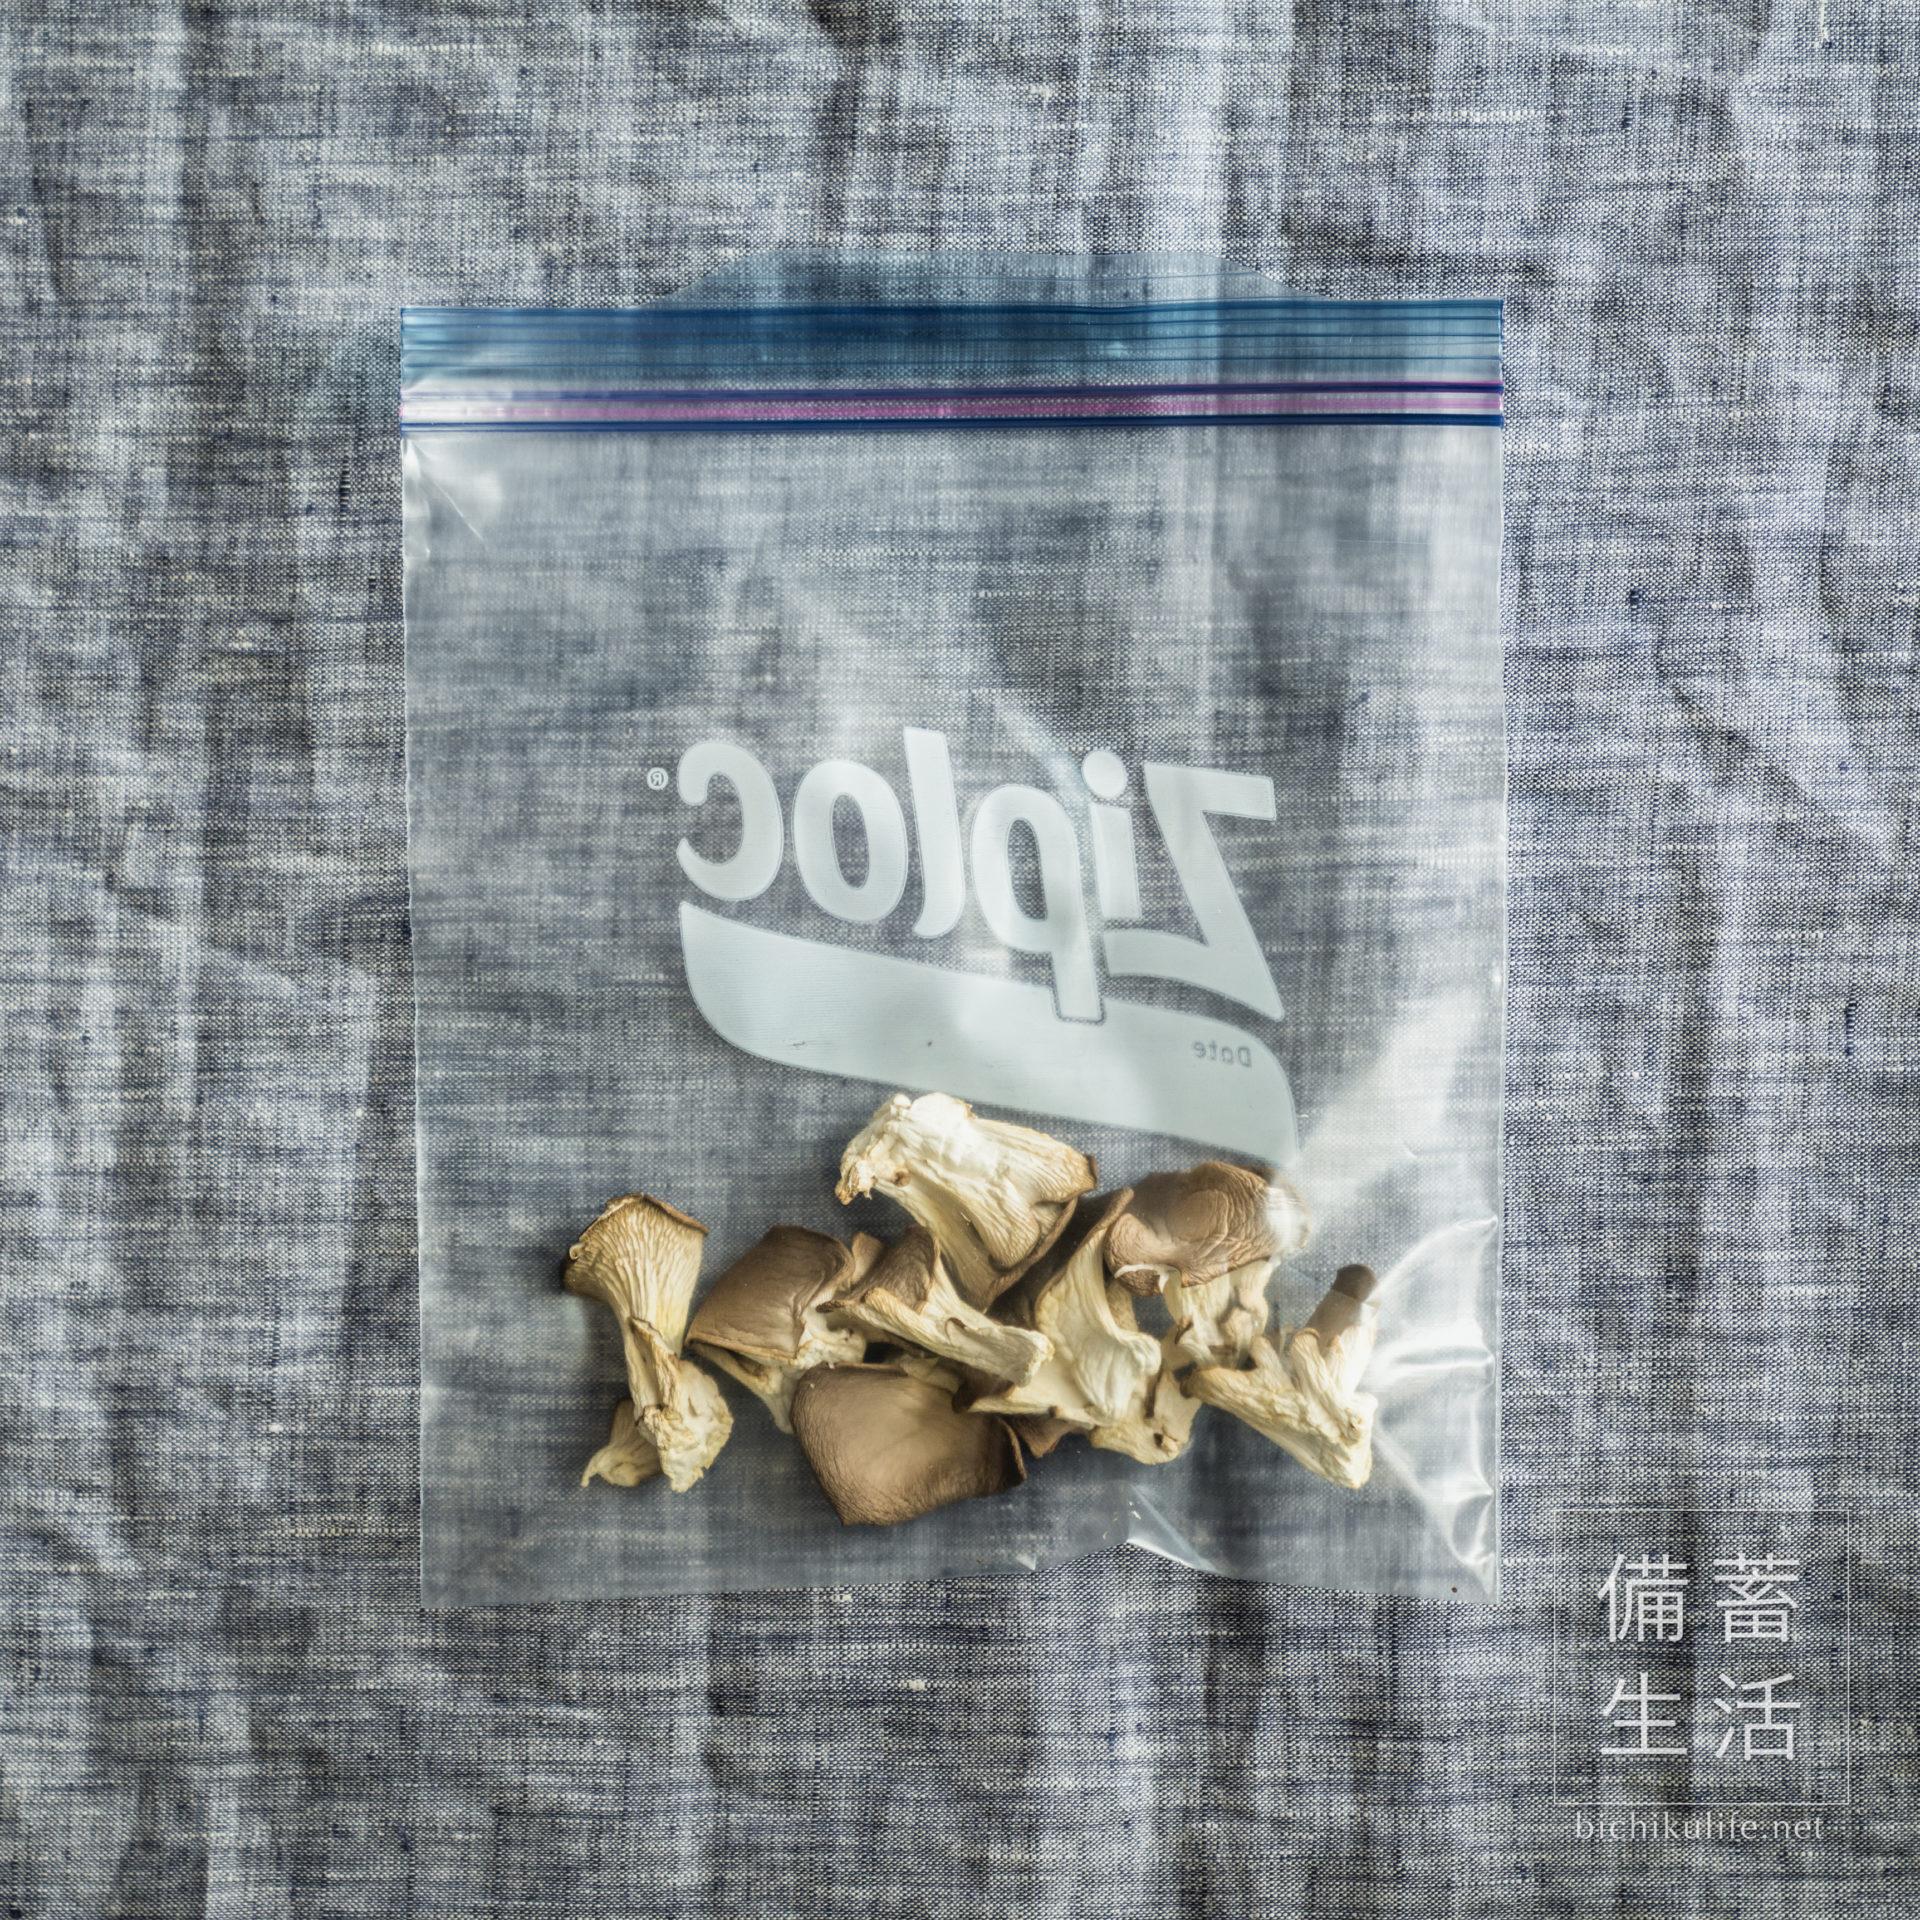 あわび茸をジップロック(保存袋)で保存